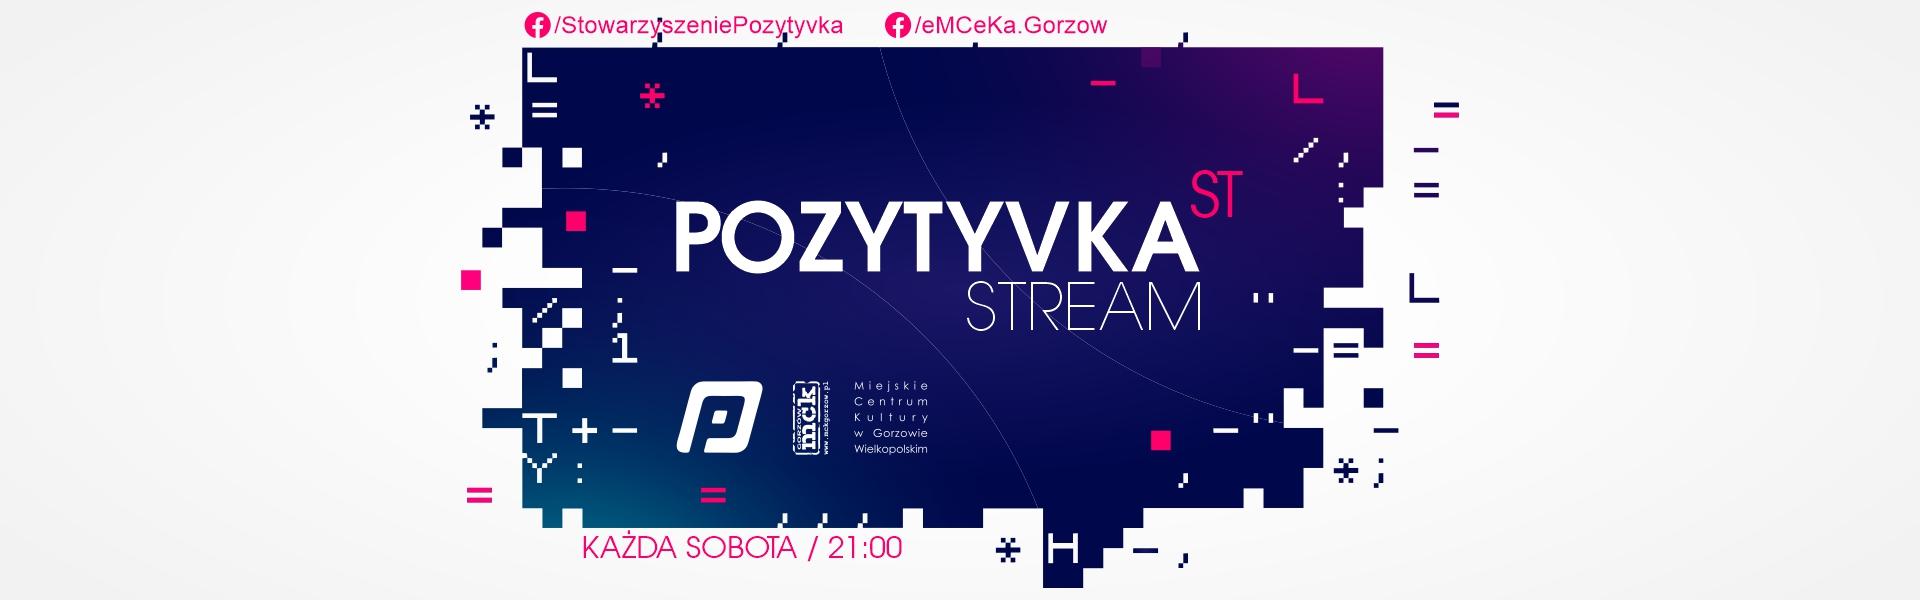 Baner wydarzenia Pozytyvka'st Stream